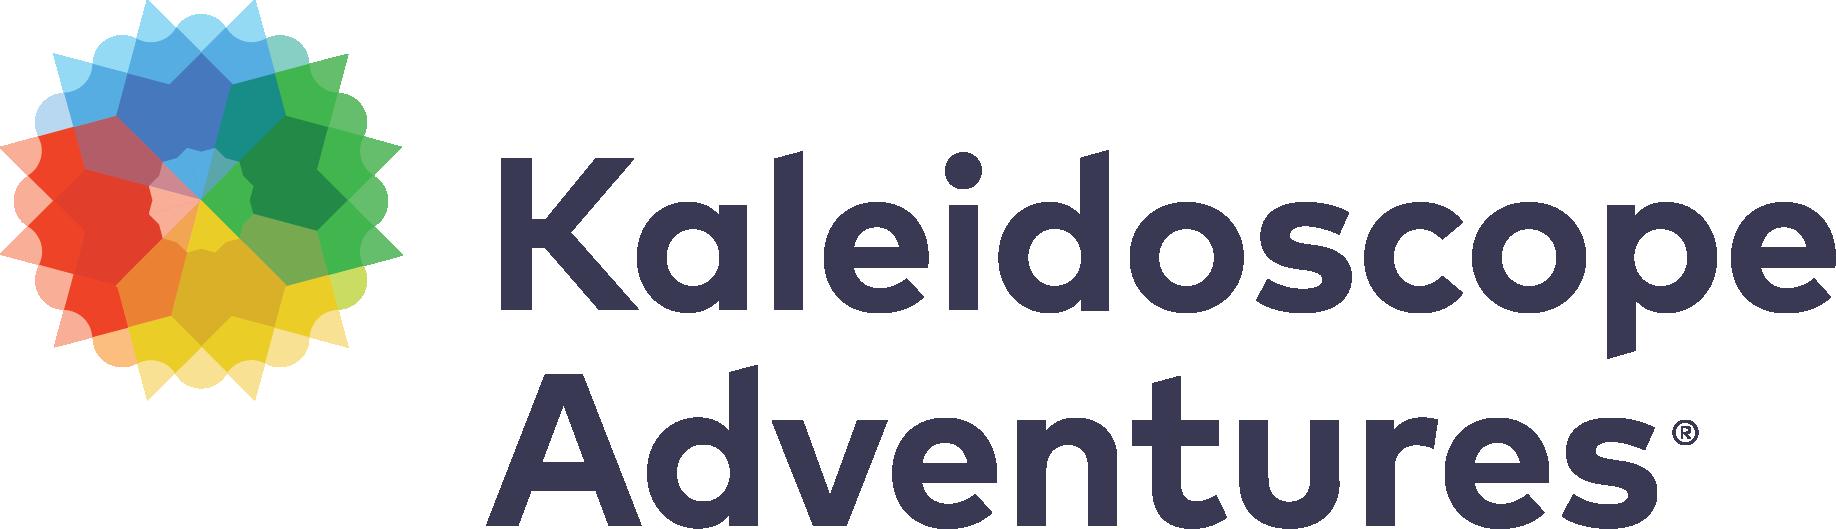 Kaleidoscope Adventures